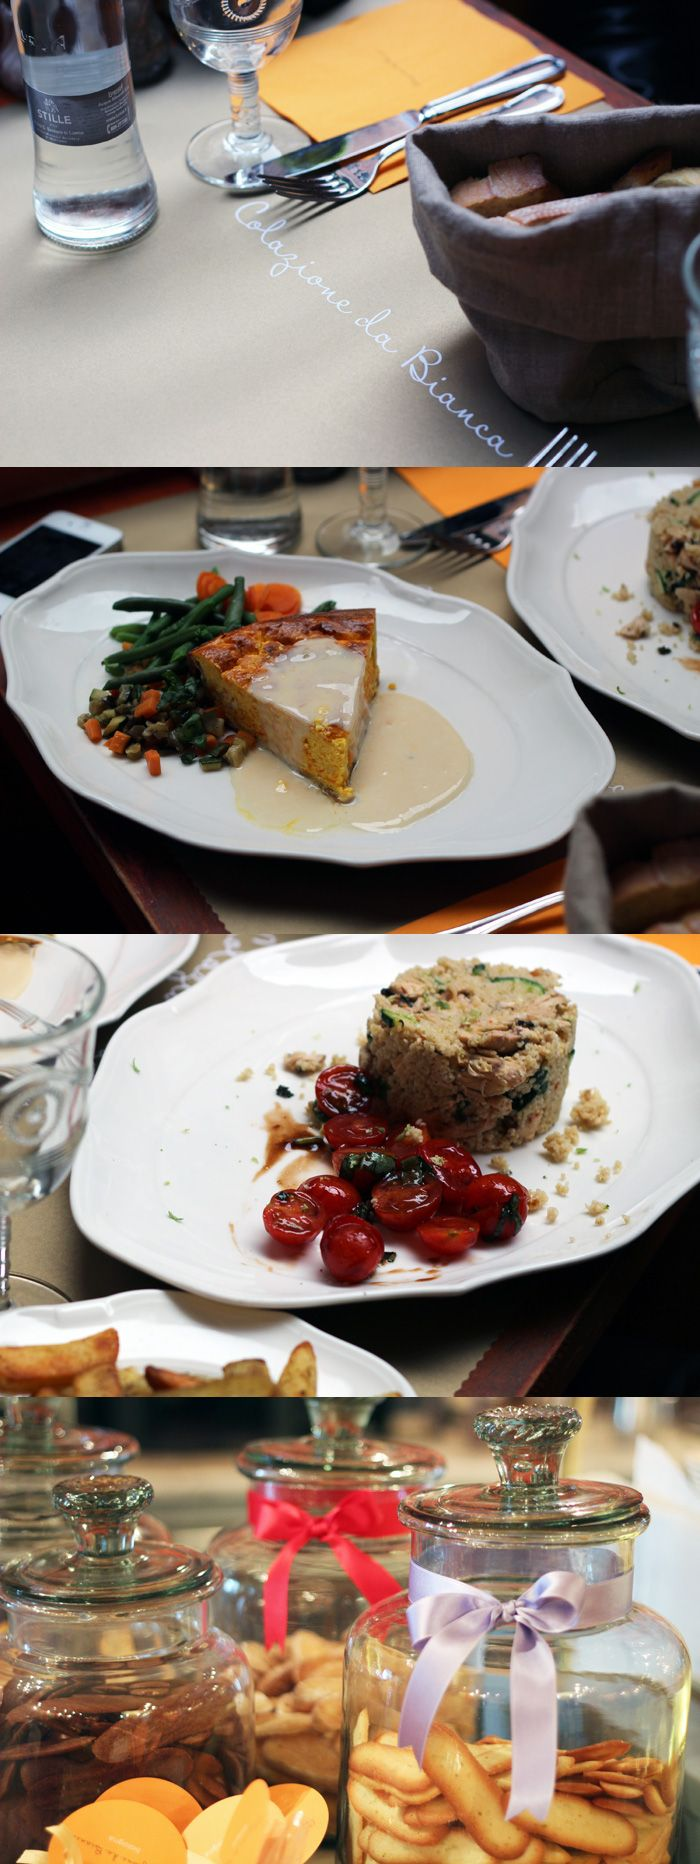 Colazione da Bianca Via Santo Stefano, 1 40125 Bologna Italien http://colazionedabianca.it/